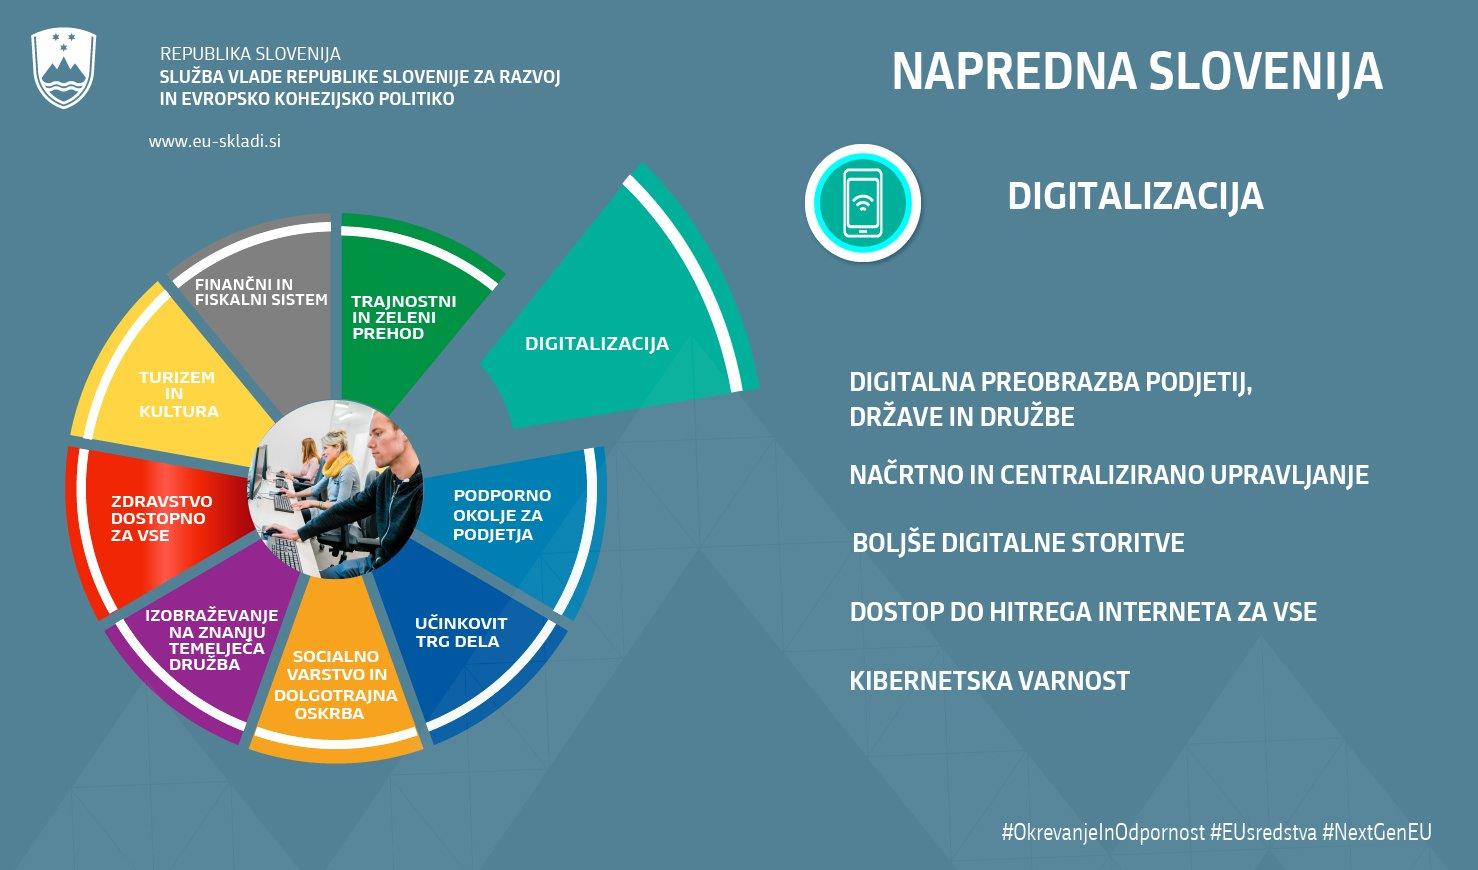 Področje digitalizacije v skladu z NOO predvideva digitalno preobrazbo podjetij, države in družbe, načrtno in centralizirano upravljanje, boljše digitalne storitve, dostop do hitrega interneta za vse in pri tem namenja pozornost tudi kibernetski varnosti.